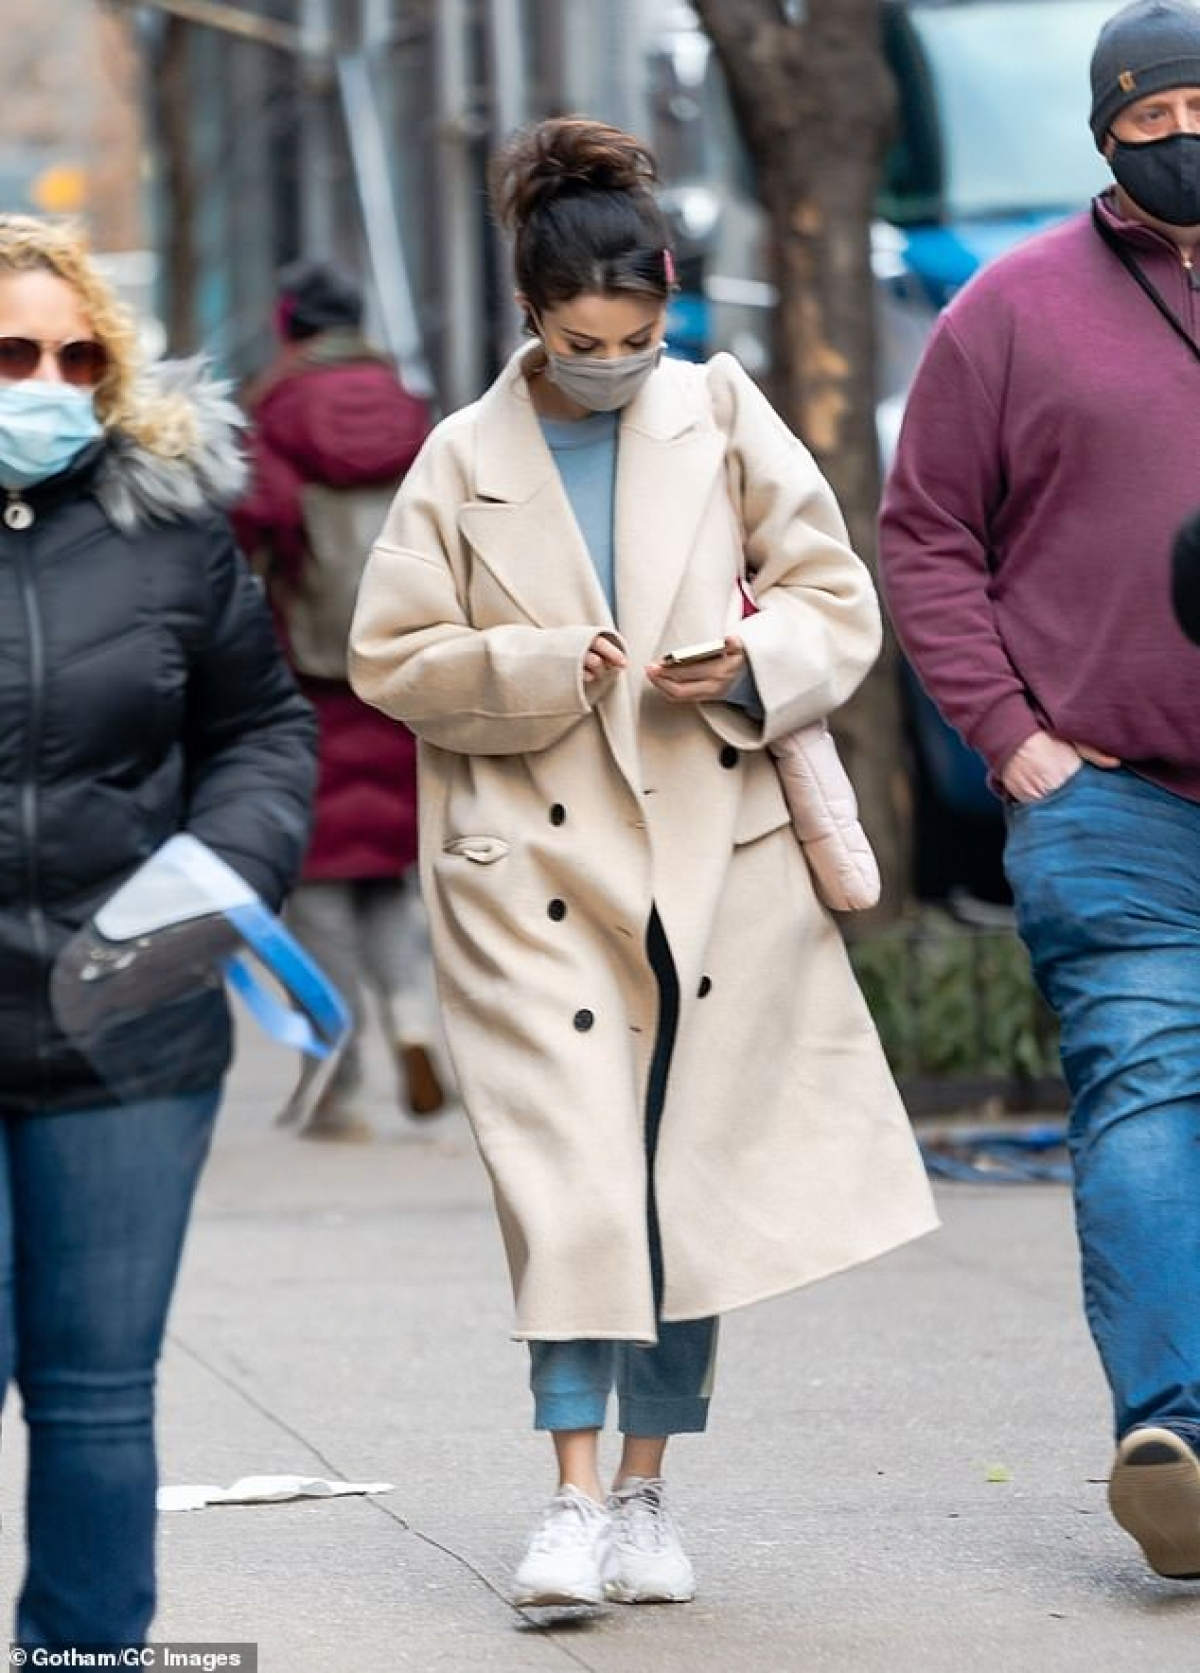 Người đẹp diện áo khoác dạ dáng dài và quần jeans năng động, khỏe khoắn.